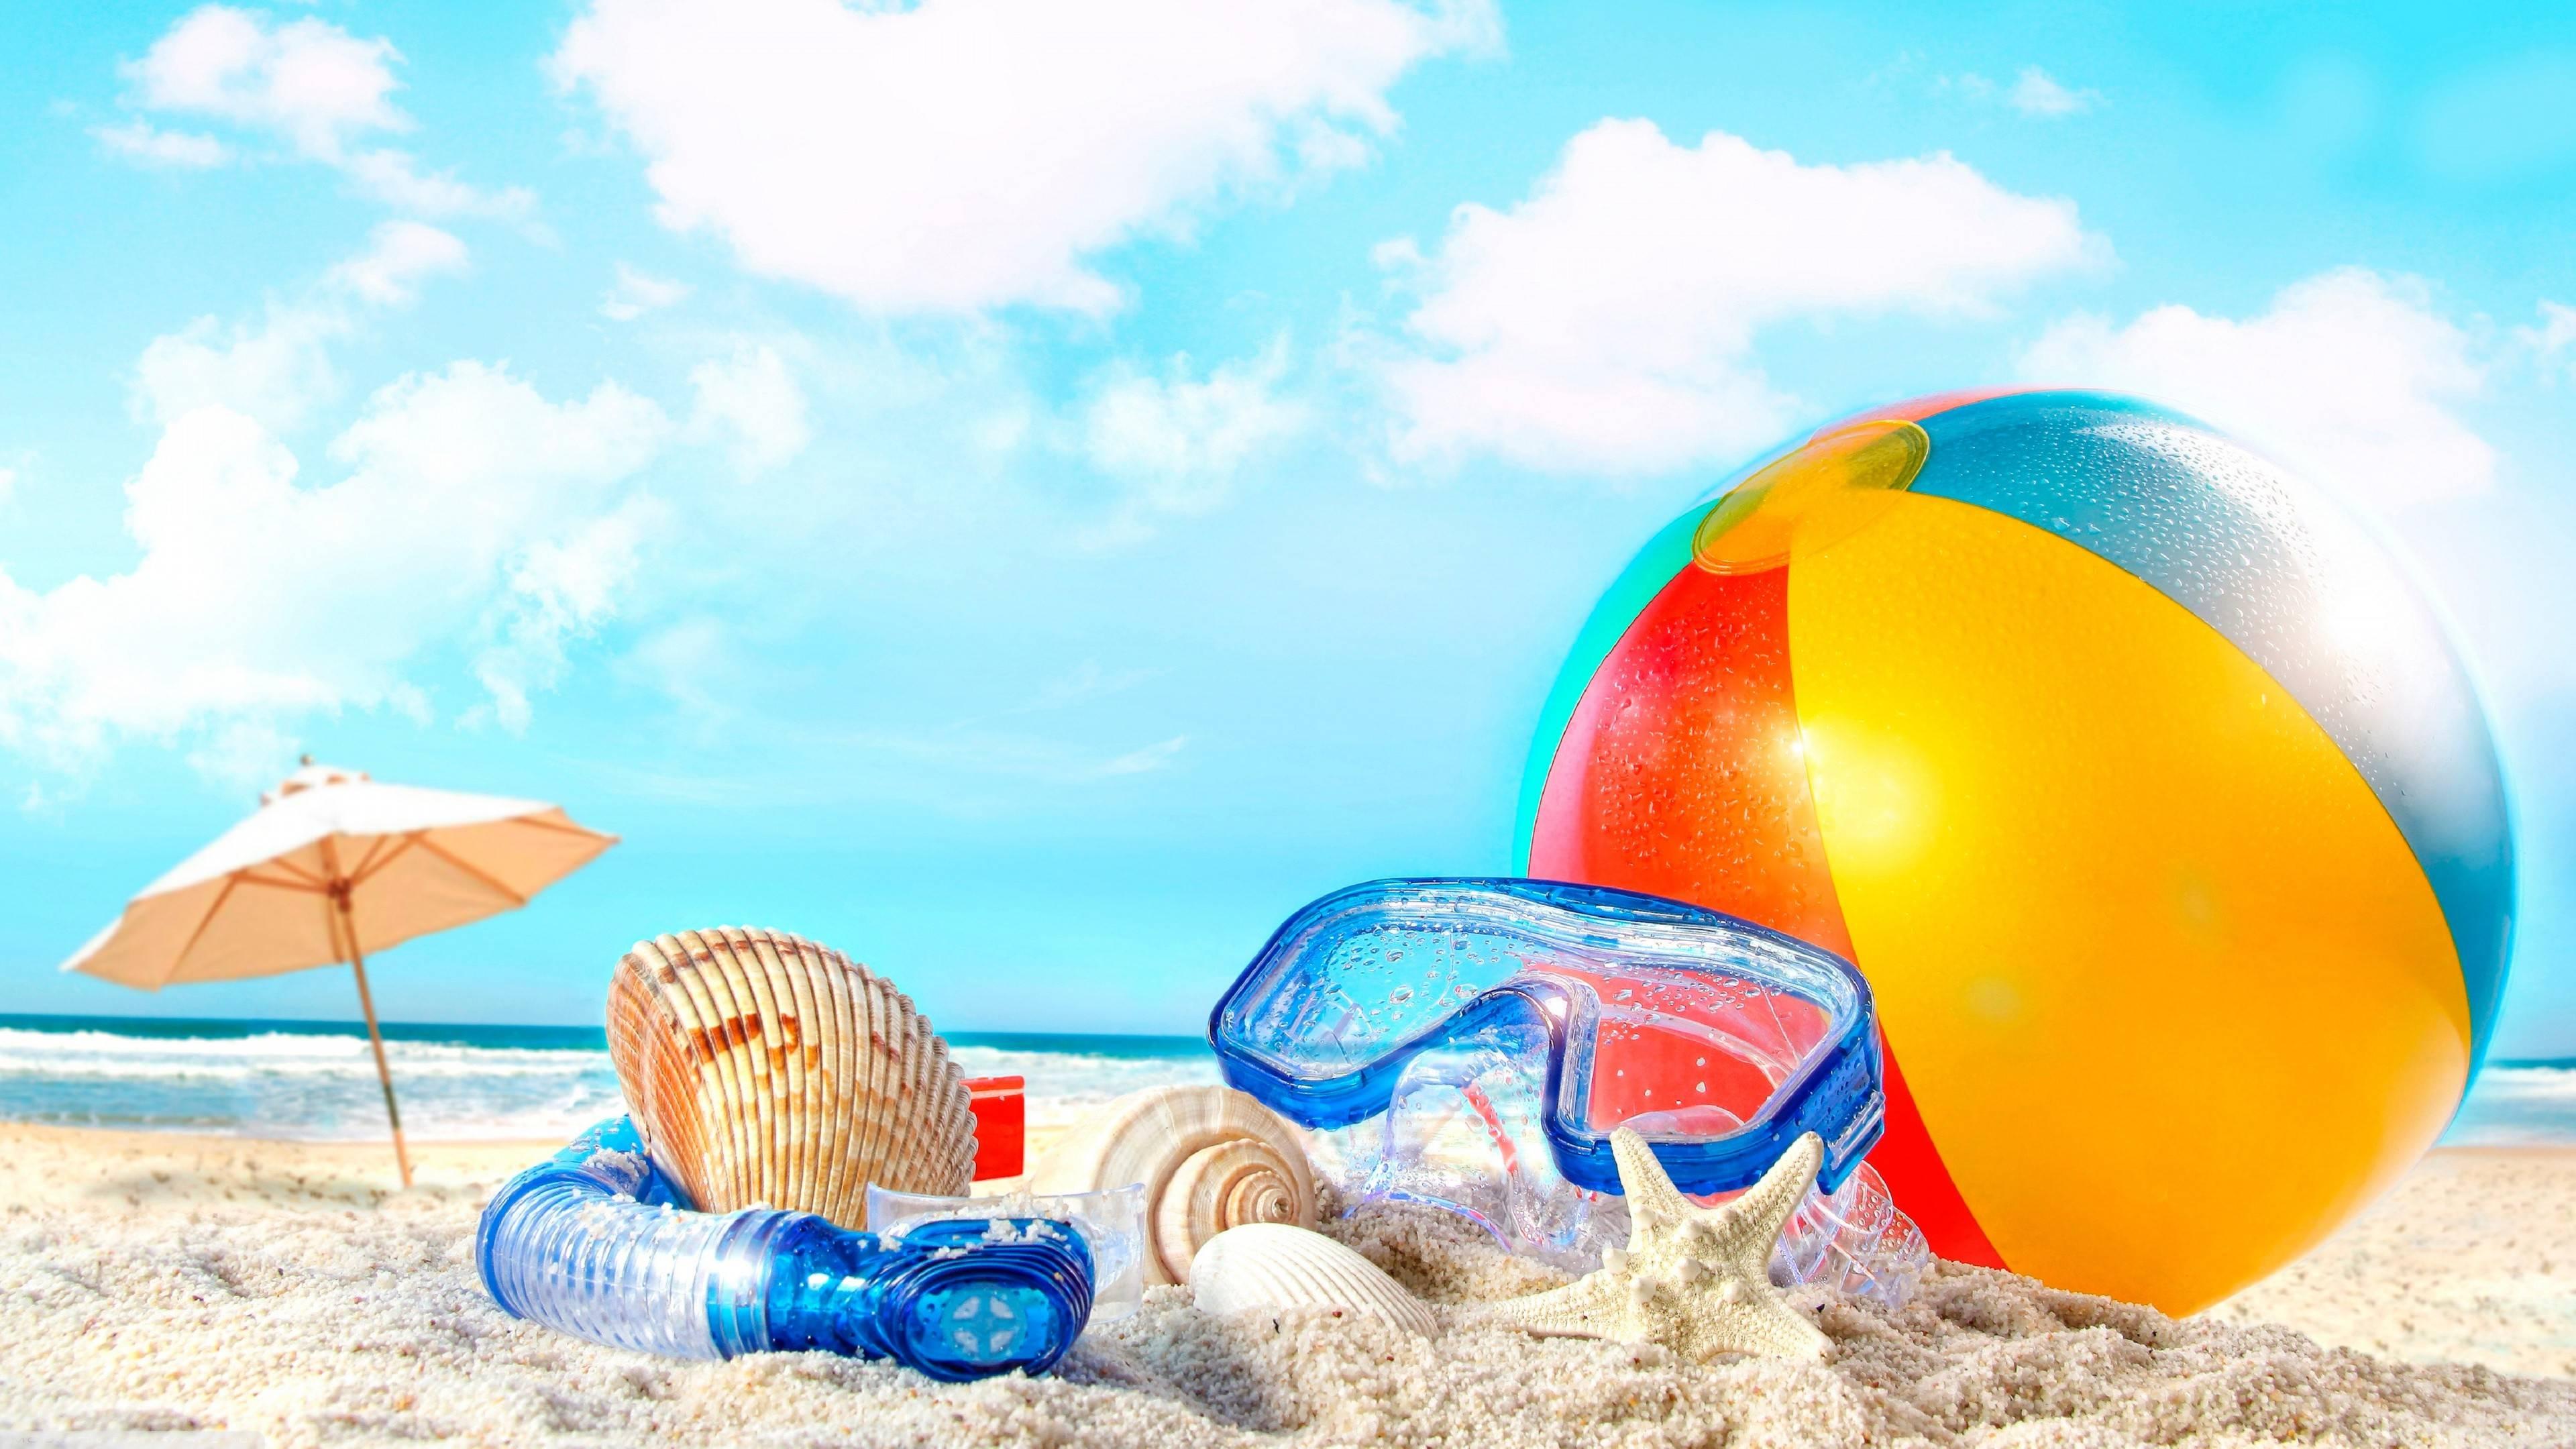 Free Summer Desktop Wallpaper Sports: Summer Backgrounds